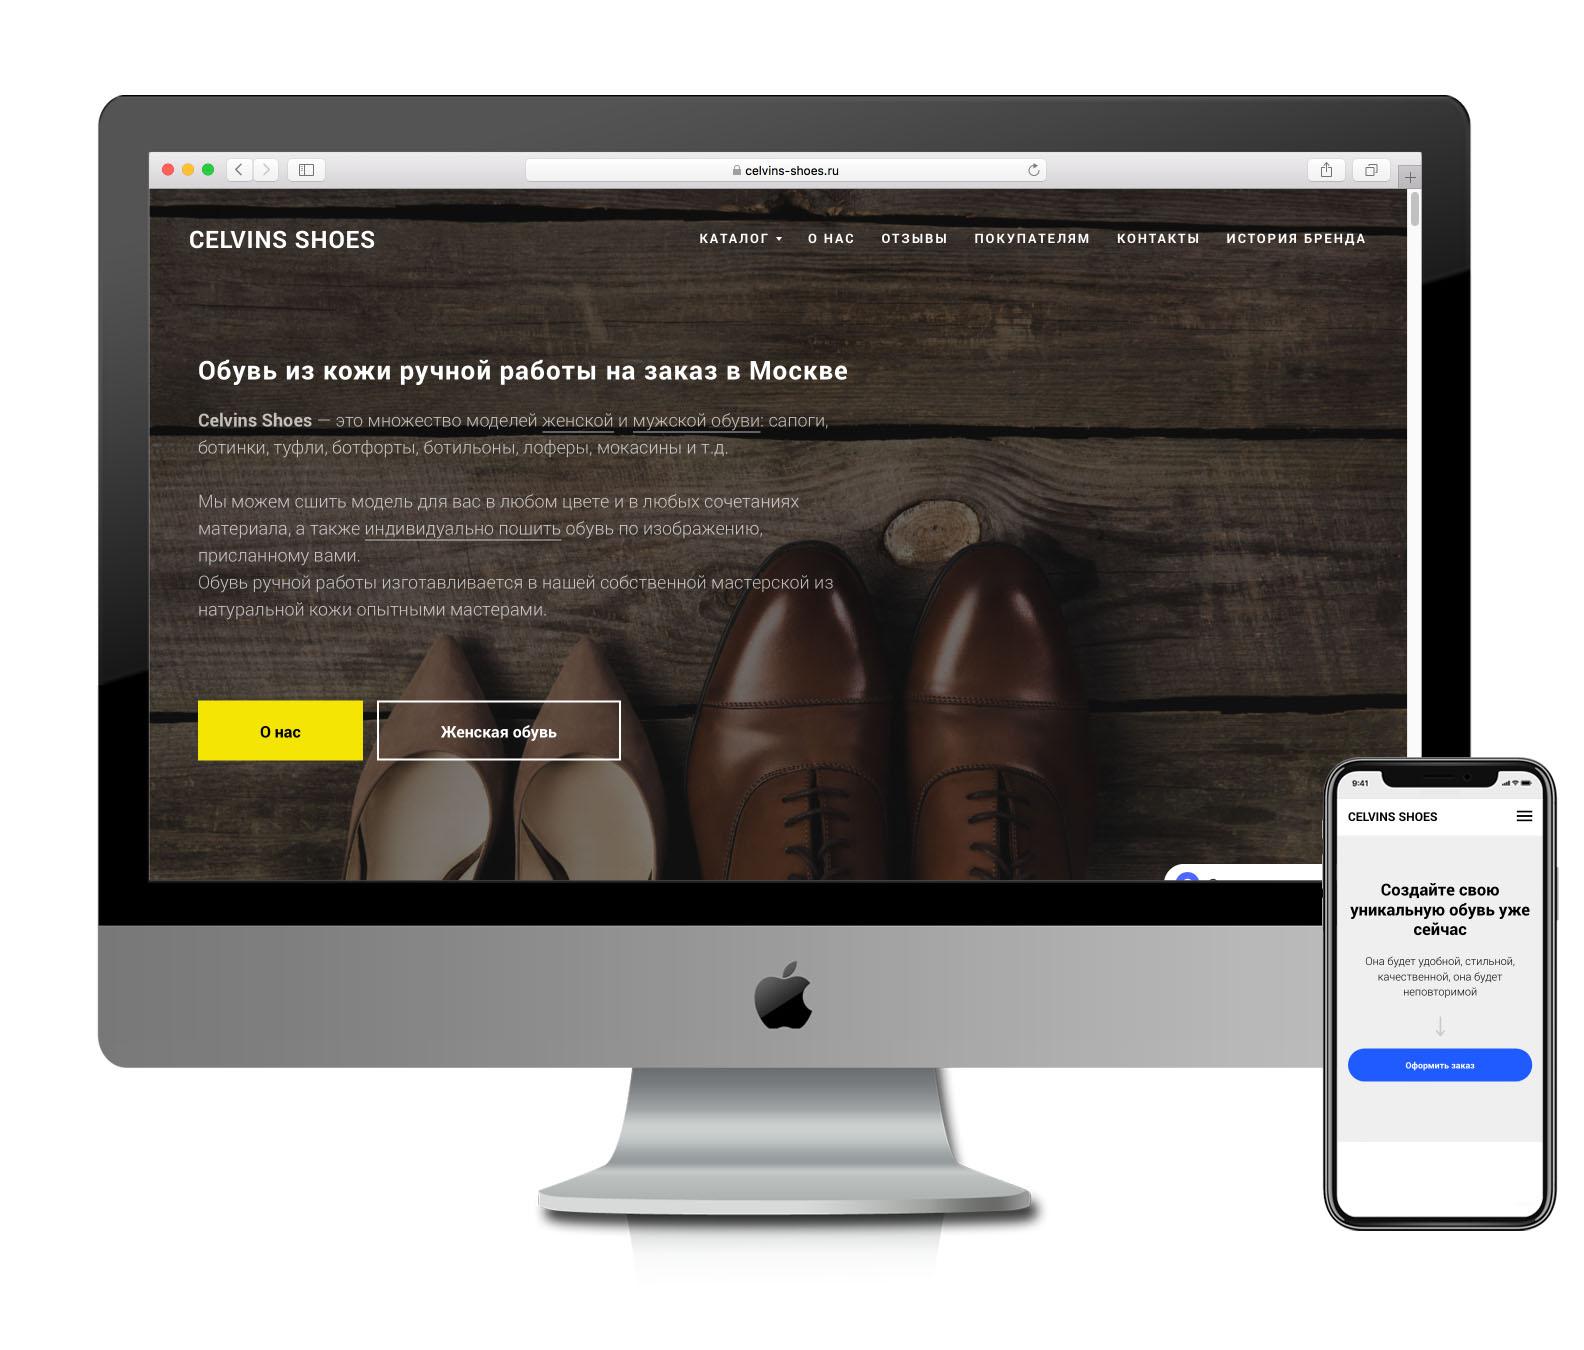 Создание сайтов на заказ joomla шаблоны psd создания сайтов бесплатно